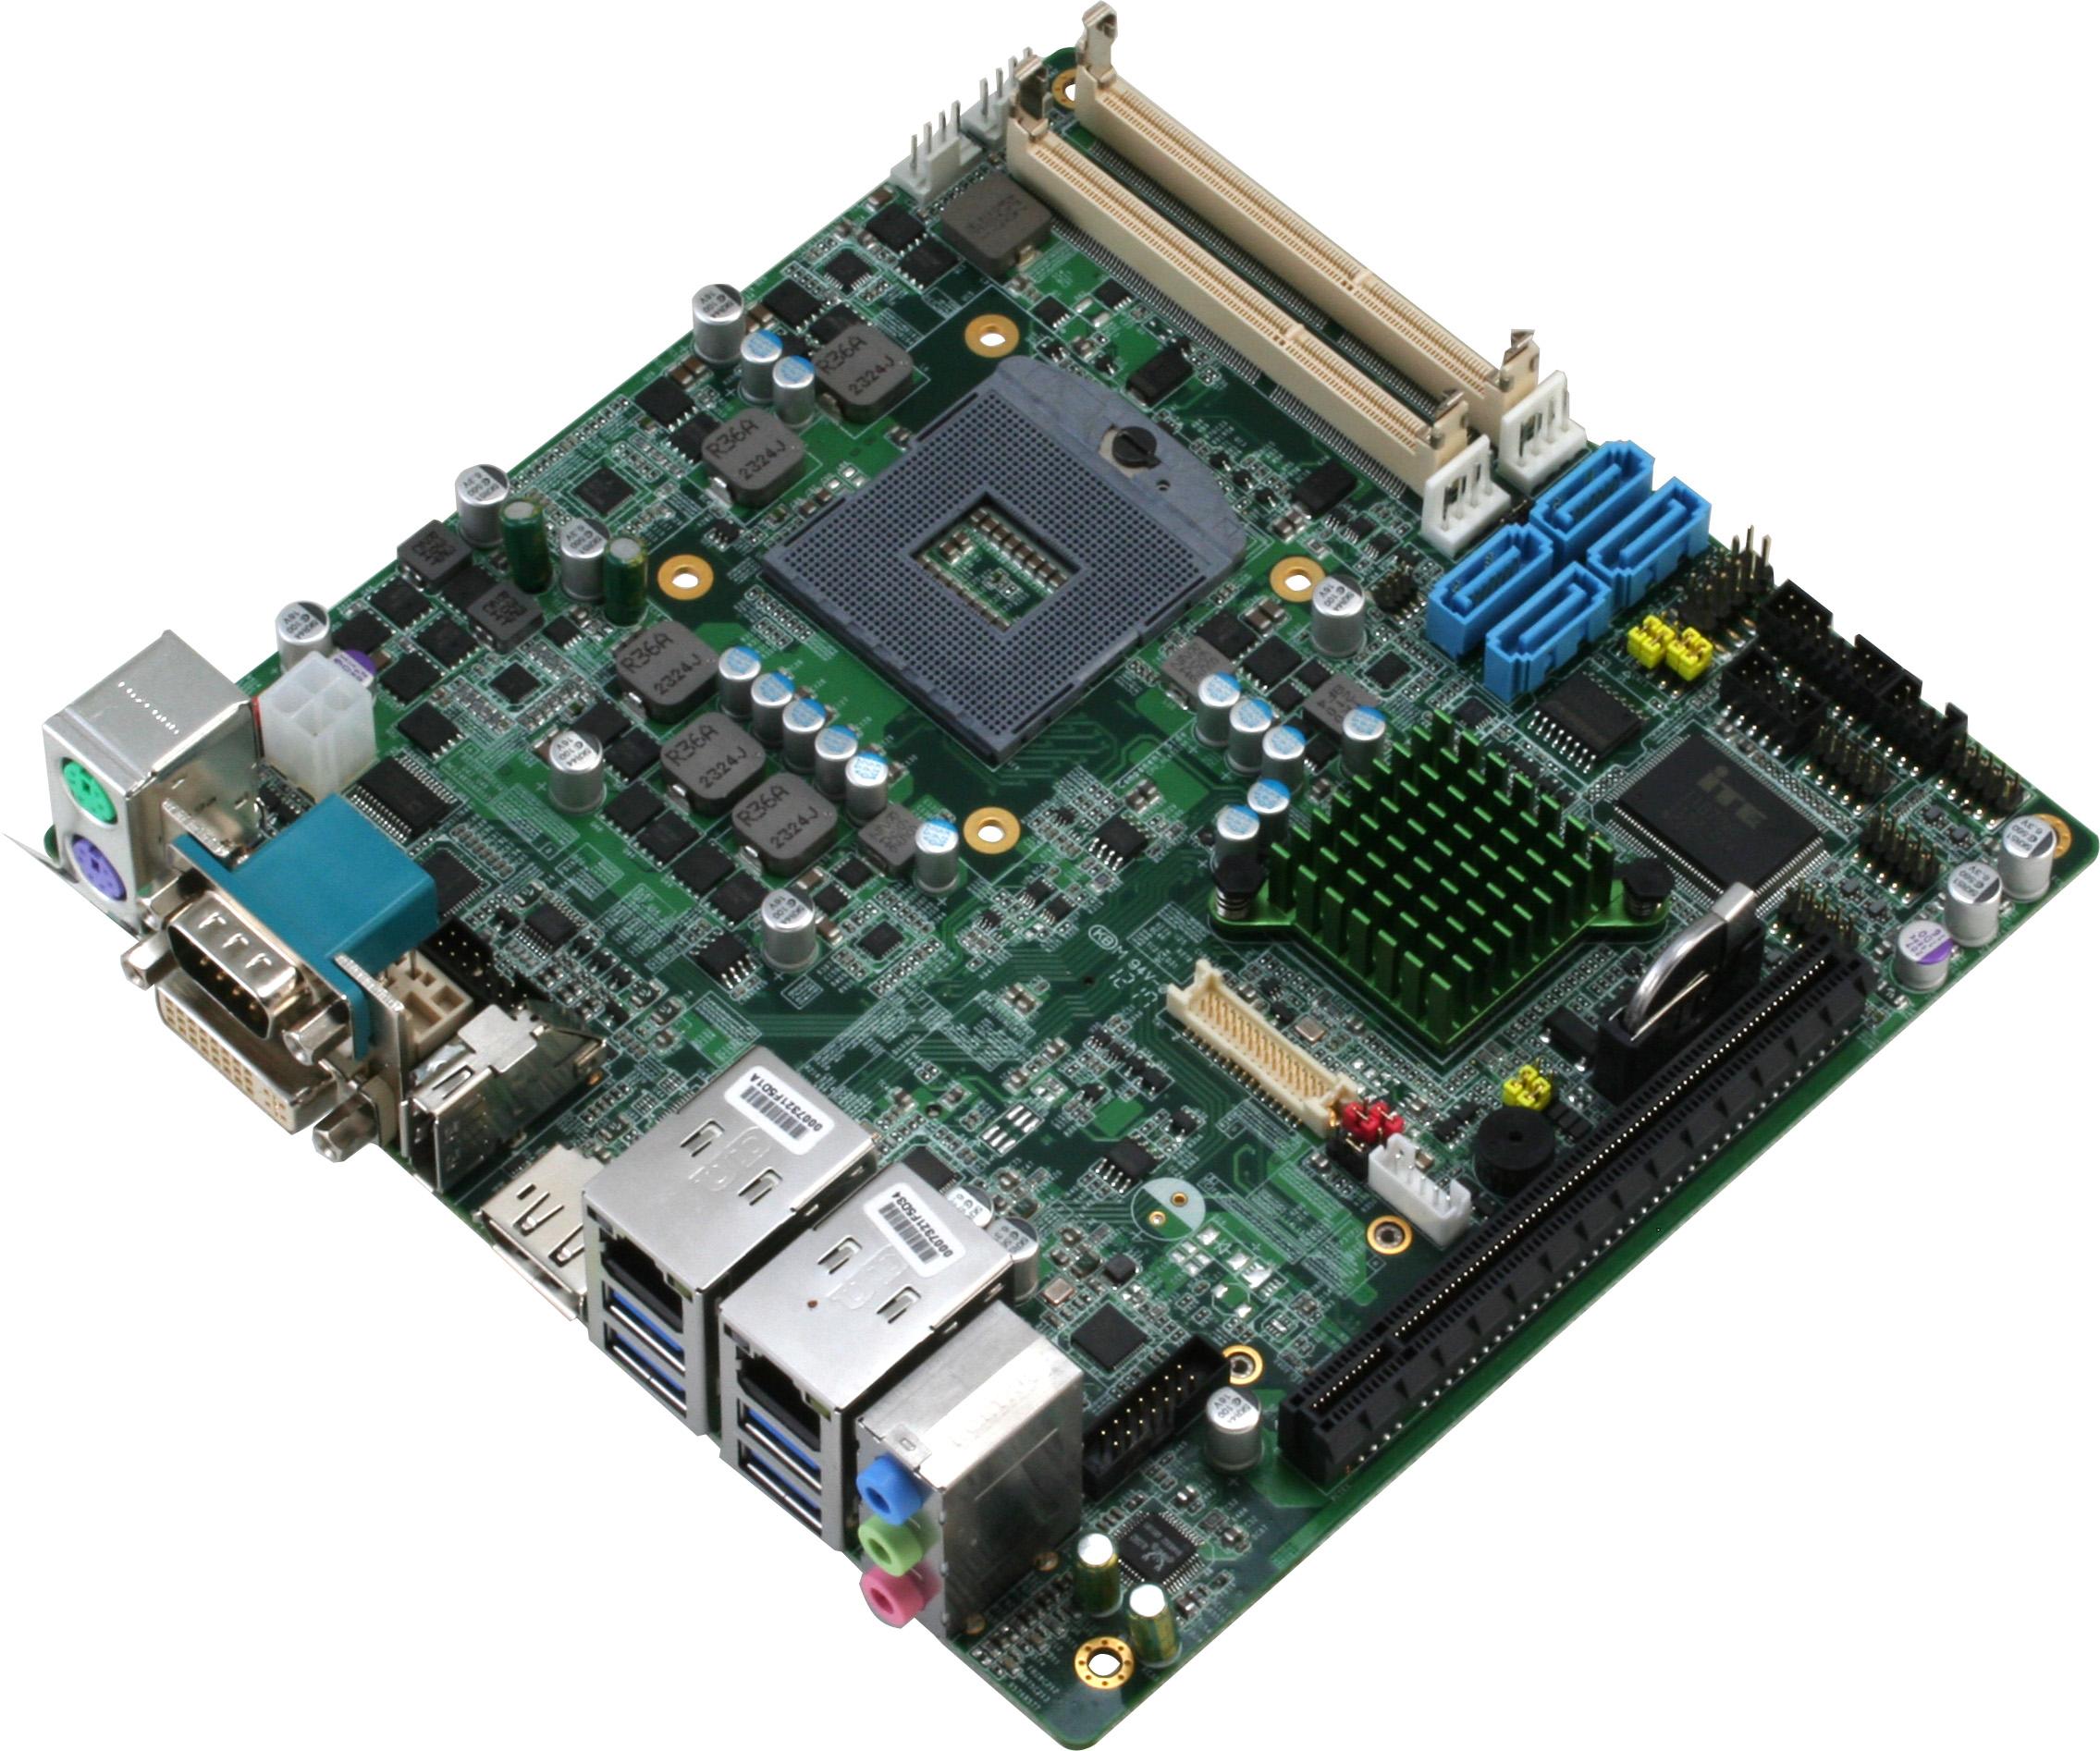 英特爾第三代Core處理器Mini-ITX嵌入式工業電腦主板